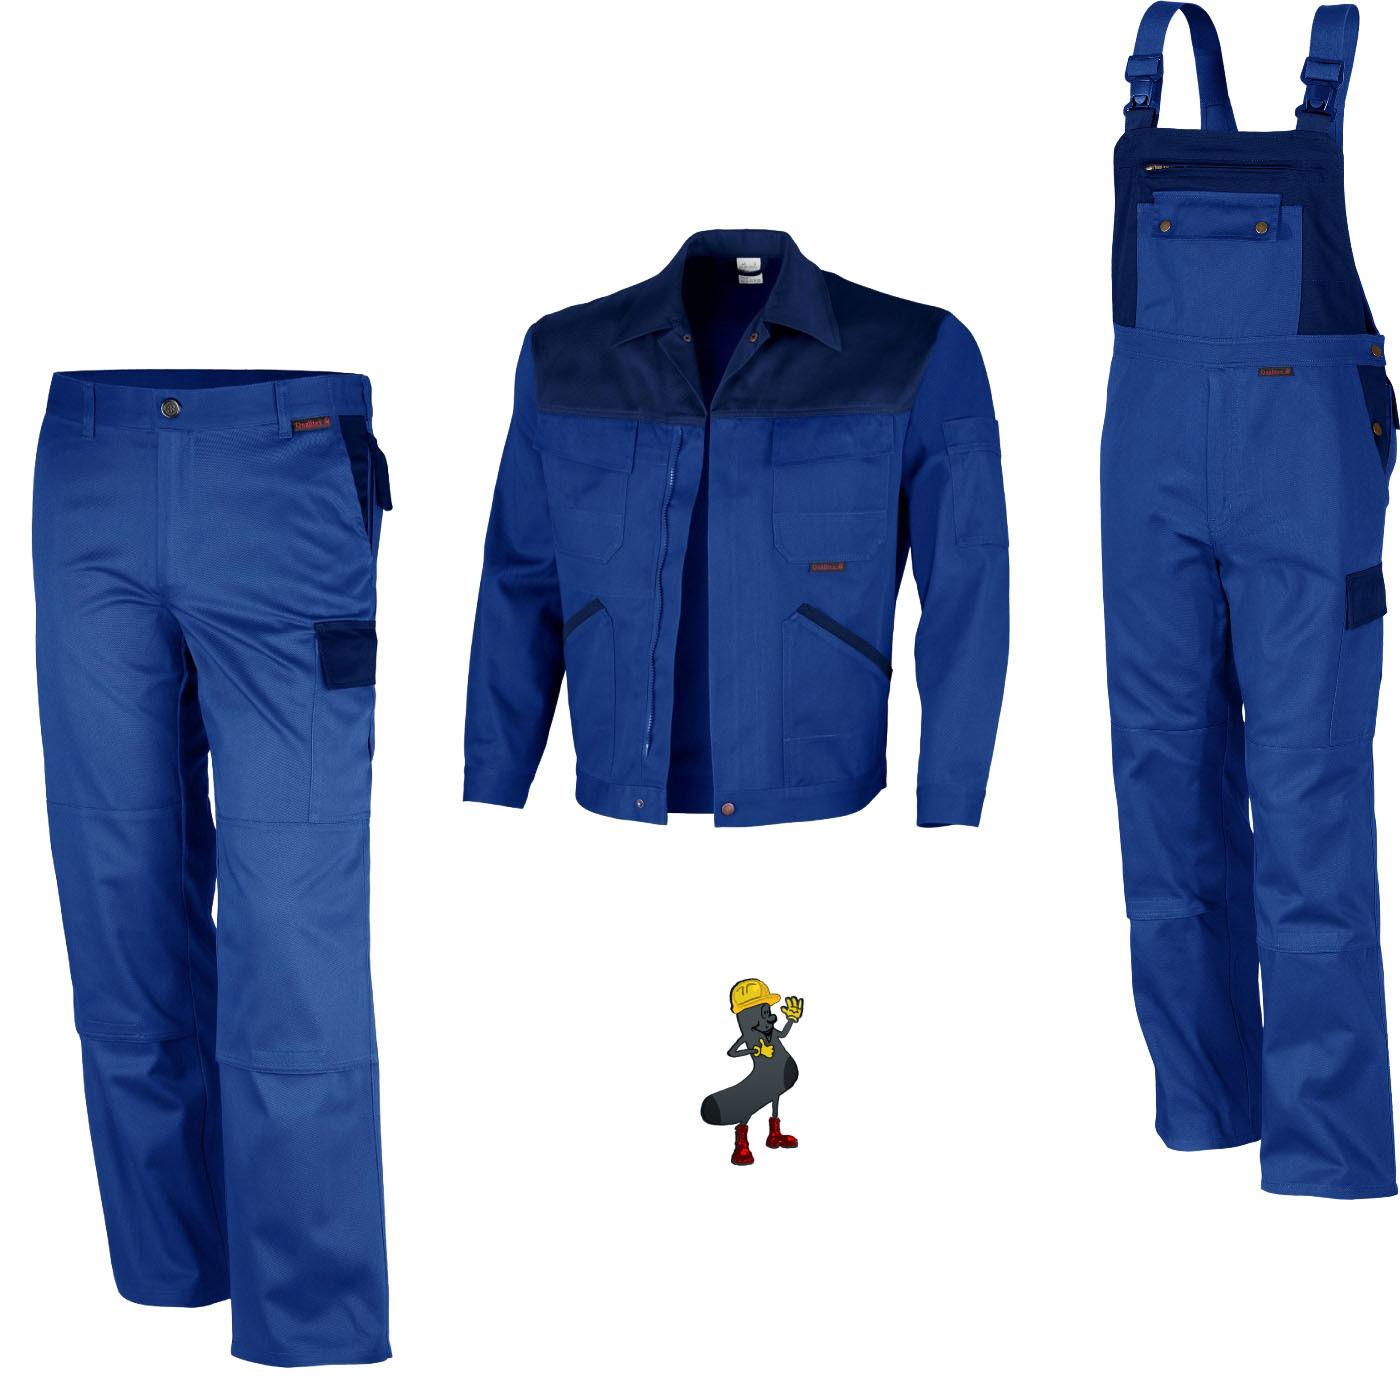 Pantaloni DI LAVgold GIACCA SALOPETTE ABBIGLIAMENTO DA blue   marino MG 300